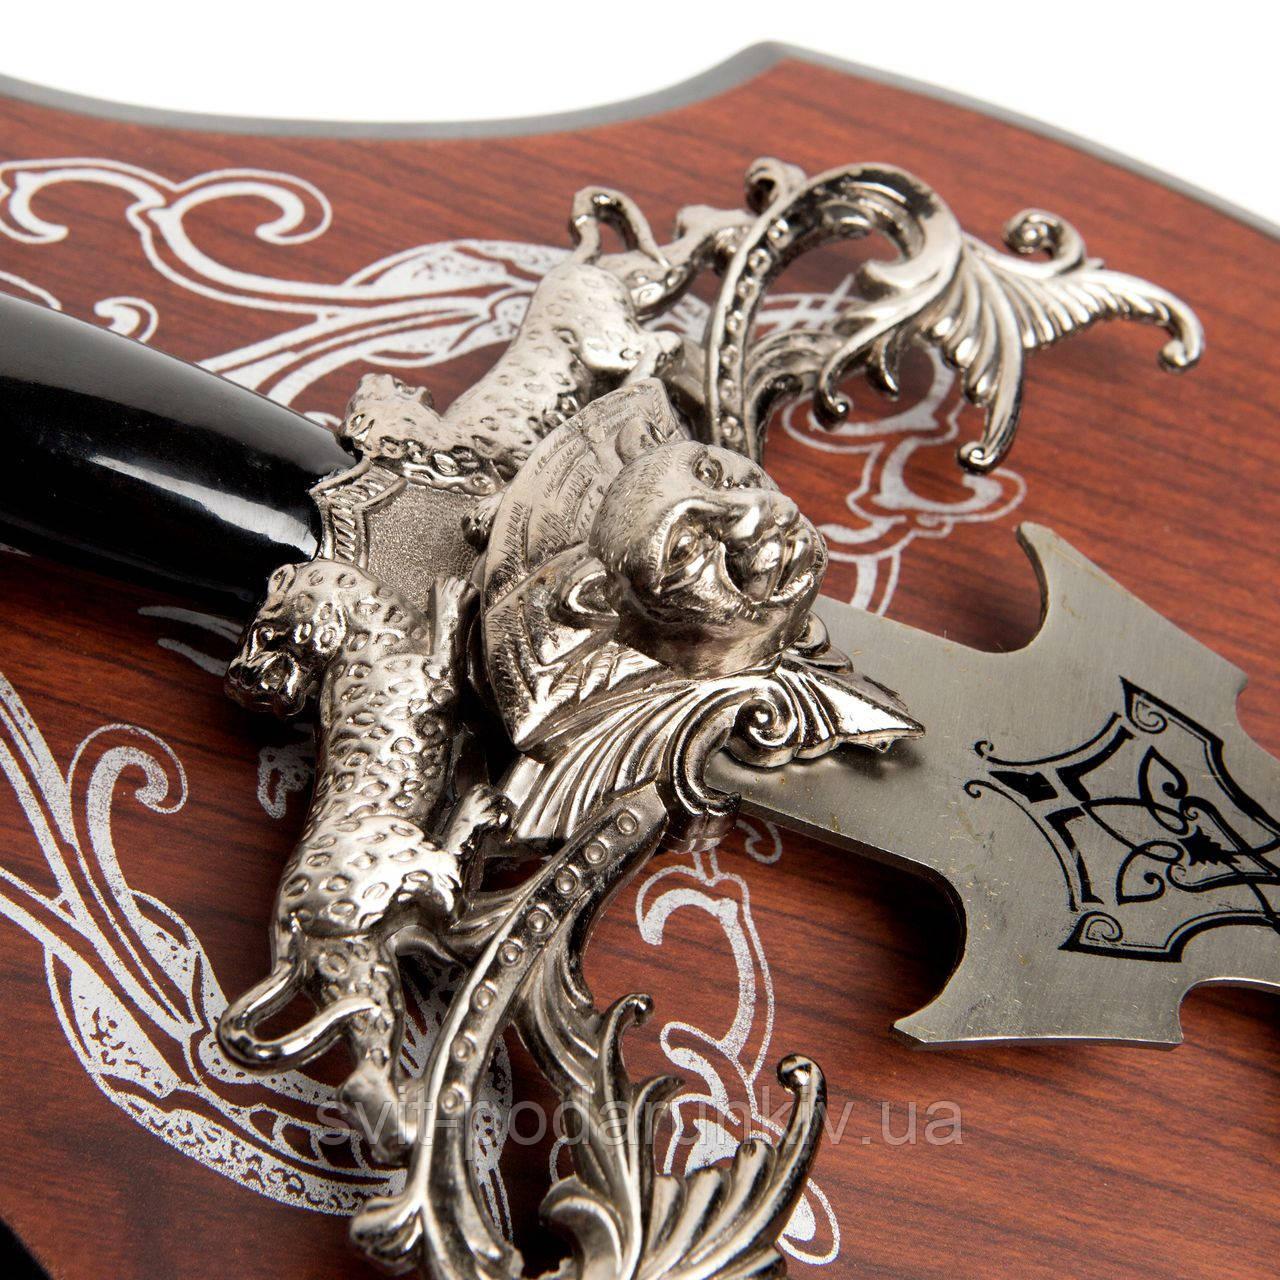 меч сувенирный